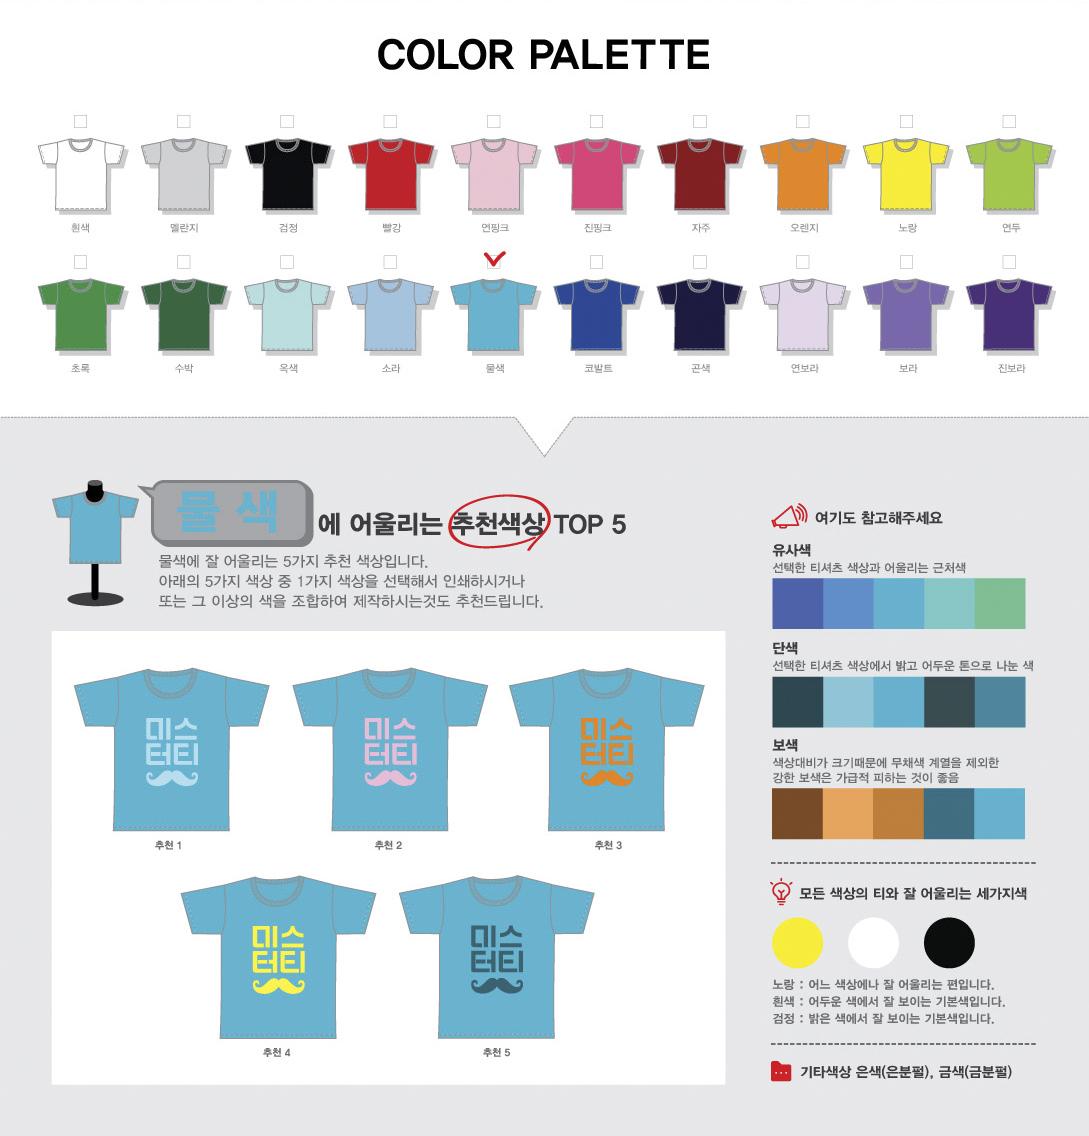 물색 단체티에 어울리는 로고색상,물색단체티 제작색상,물색단체복 로고색상,물색단체티 디자인색상,물색단체티셔츠 로고색상